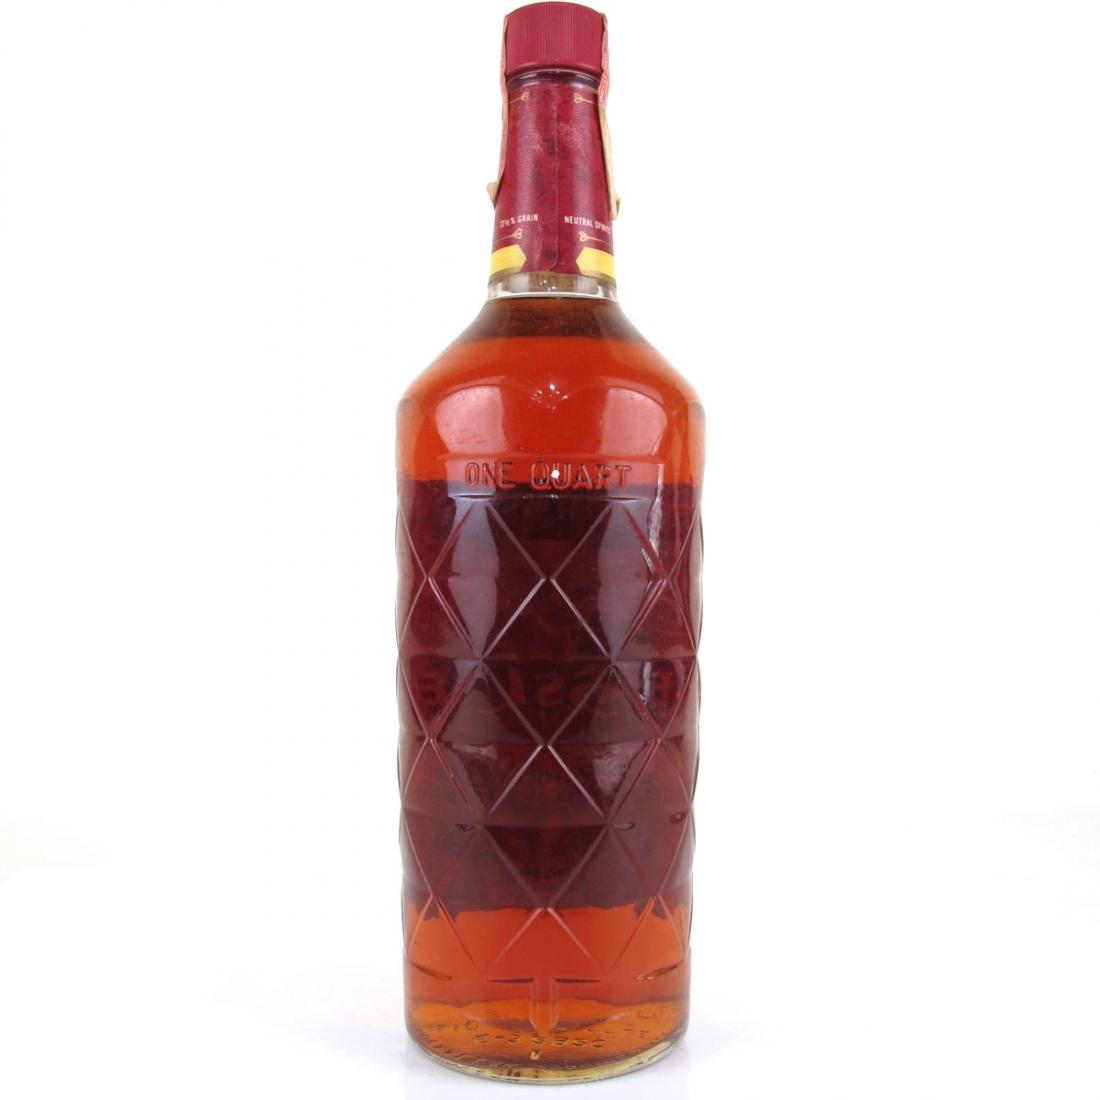 Kessler American Blended Whiskey 1 Quart